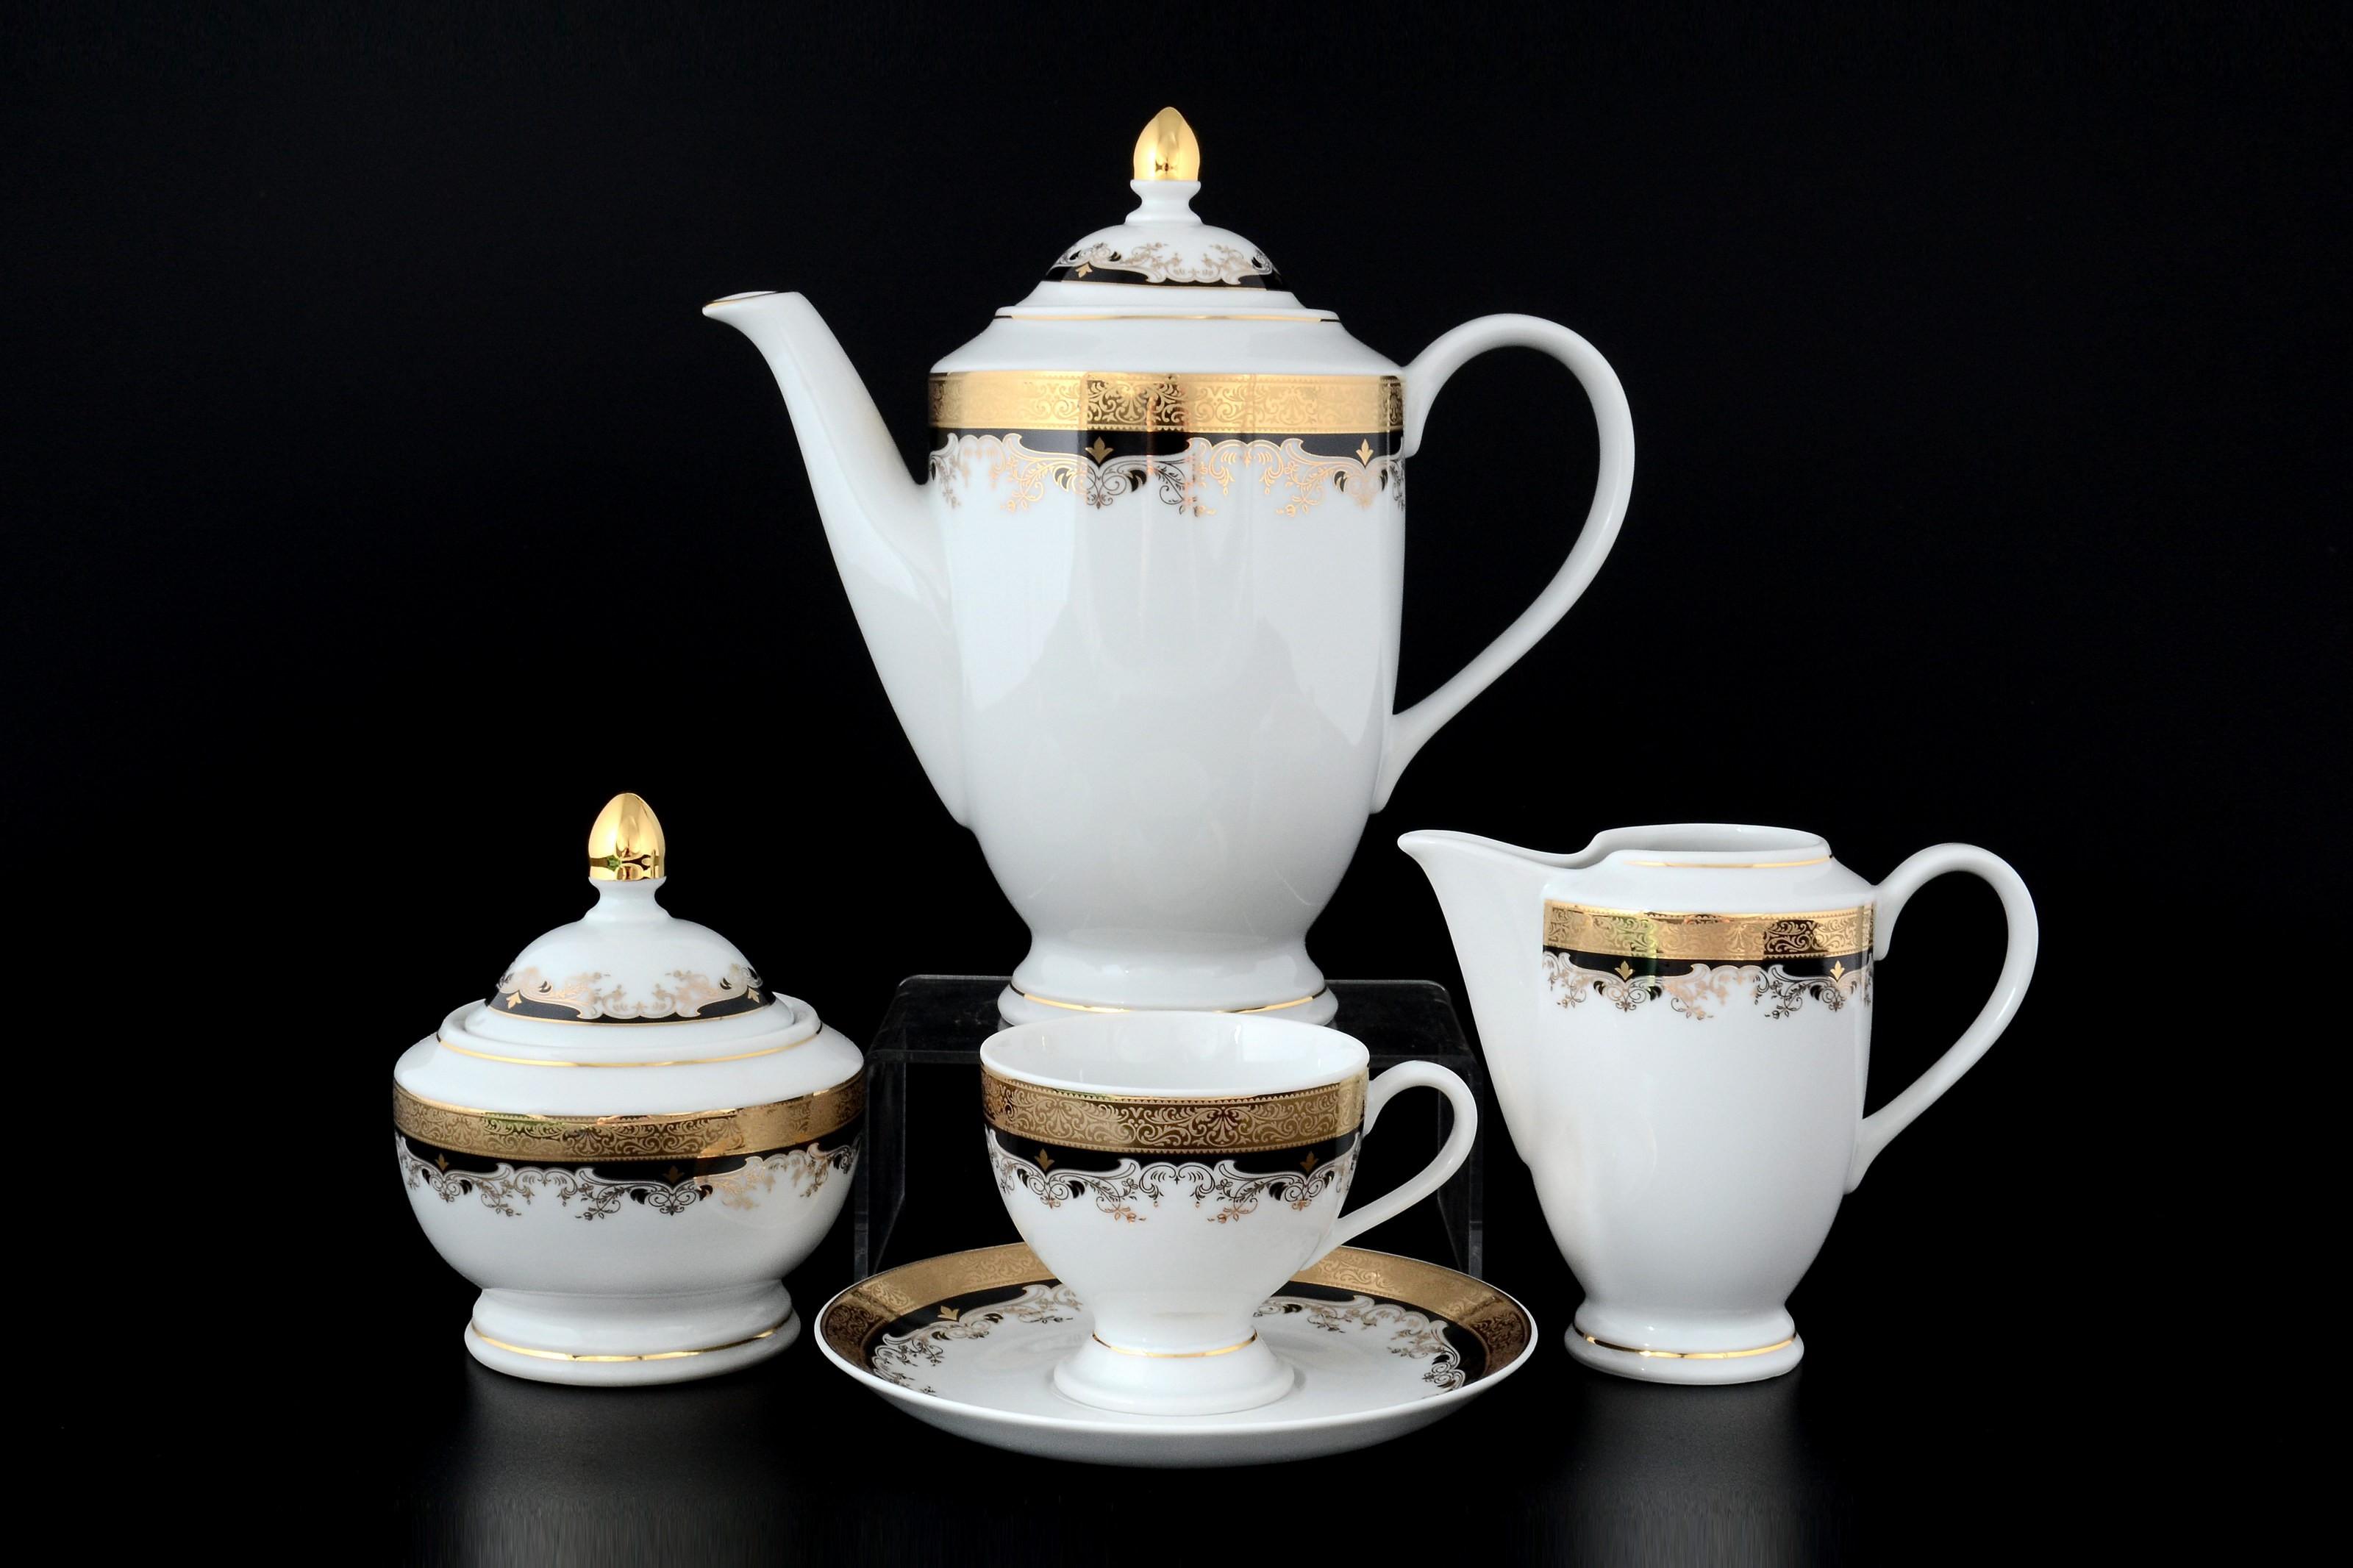 Кофейный сервиз КРИСТИНА, декор - черная лилия, от Thun 1794 a.s.